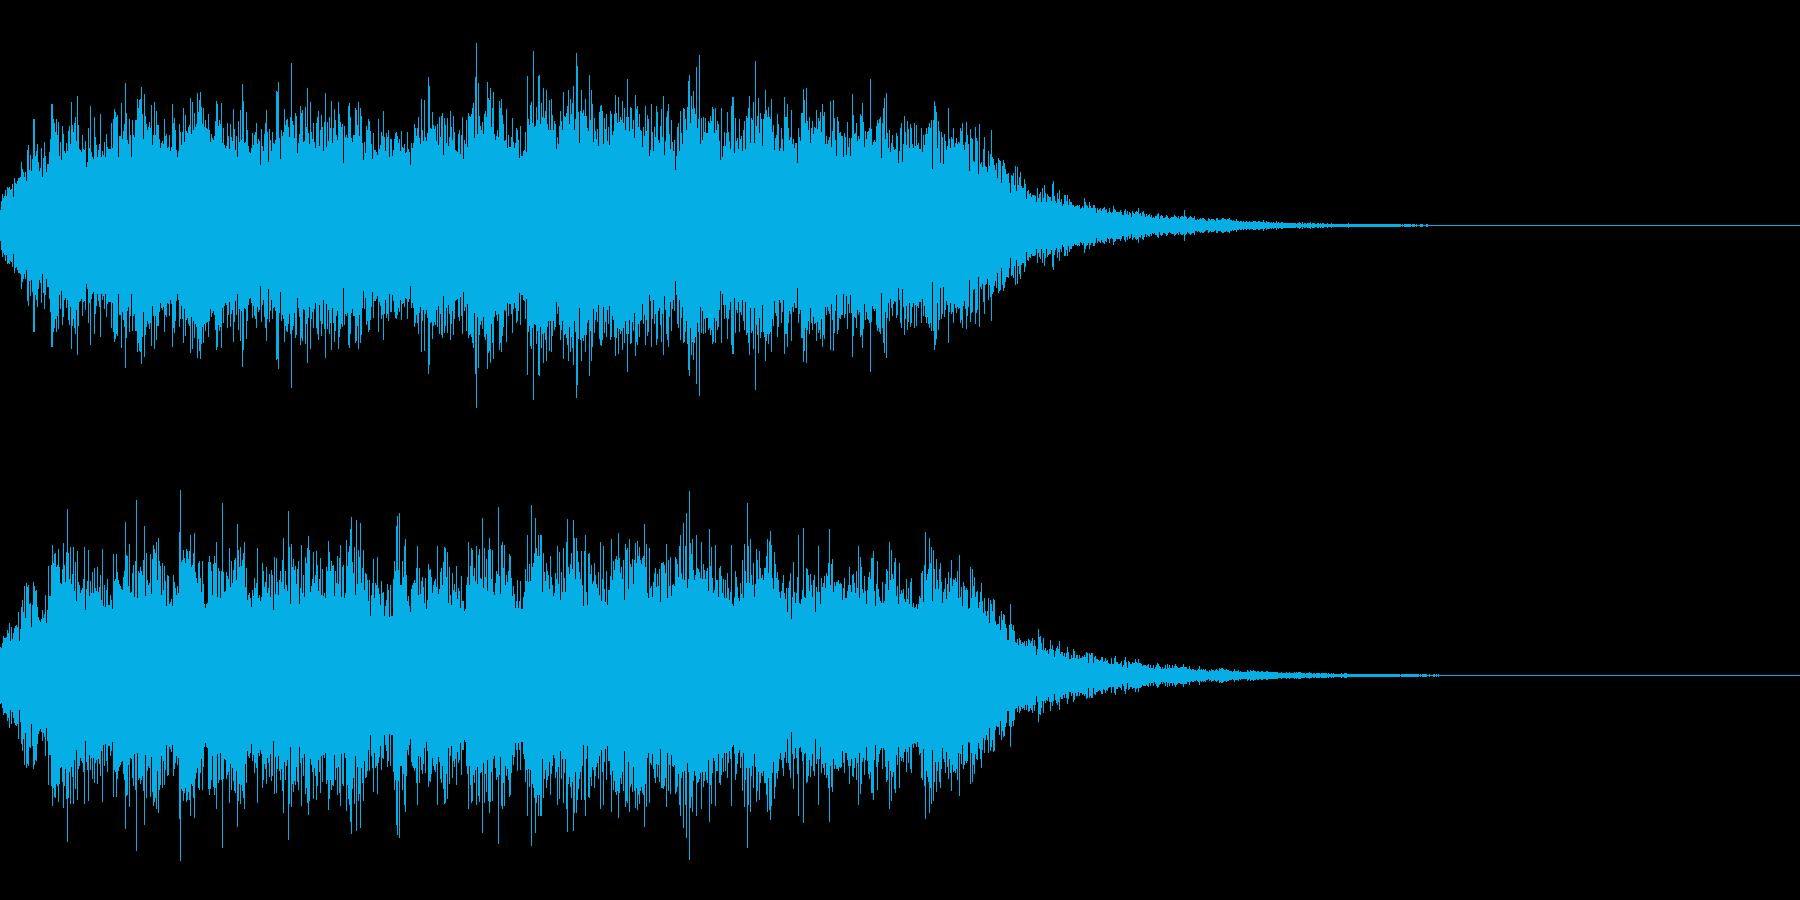 カオス3 オーケストラ練習 感電 混沌の再生済みの波形